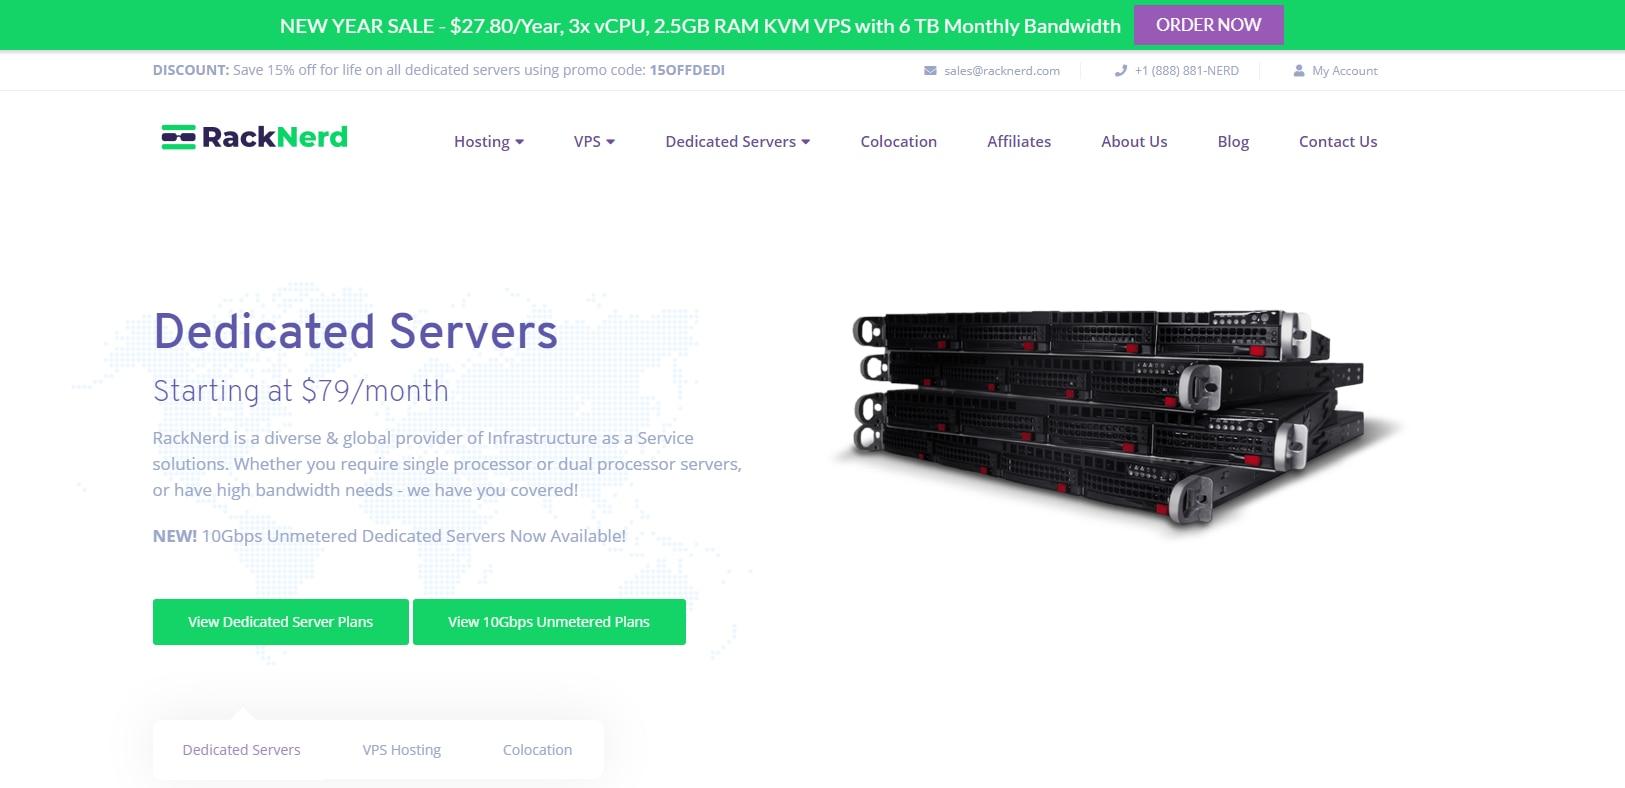 RackNerd 美国VPS促销/KVM/768M内存/12g硬盘/2T流量/$13.93/年